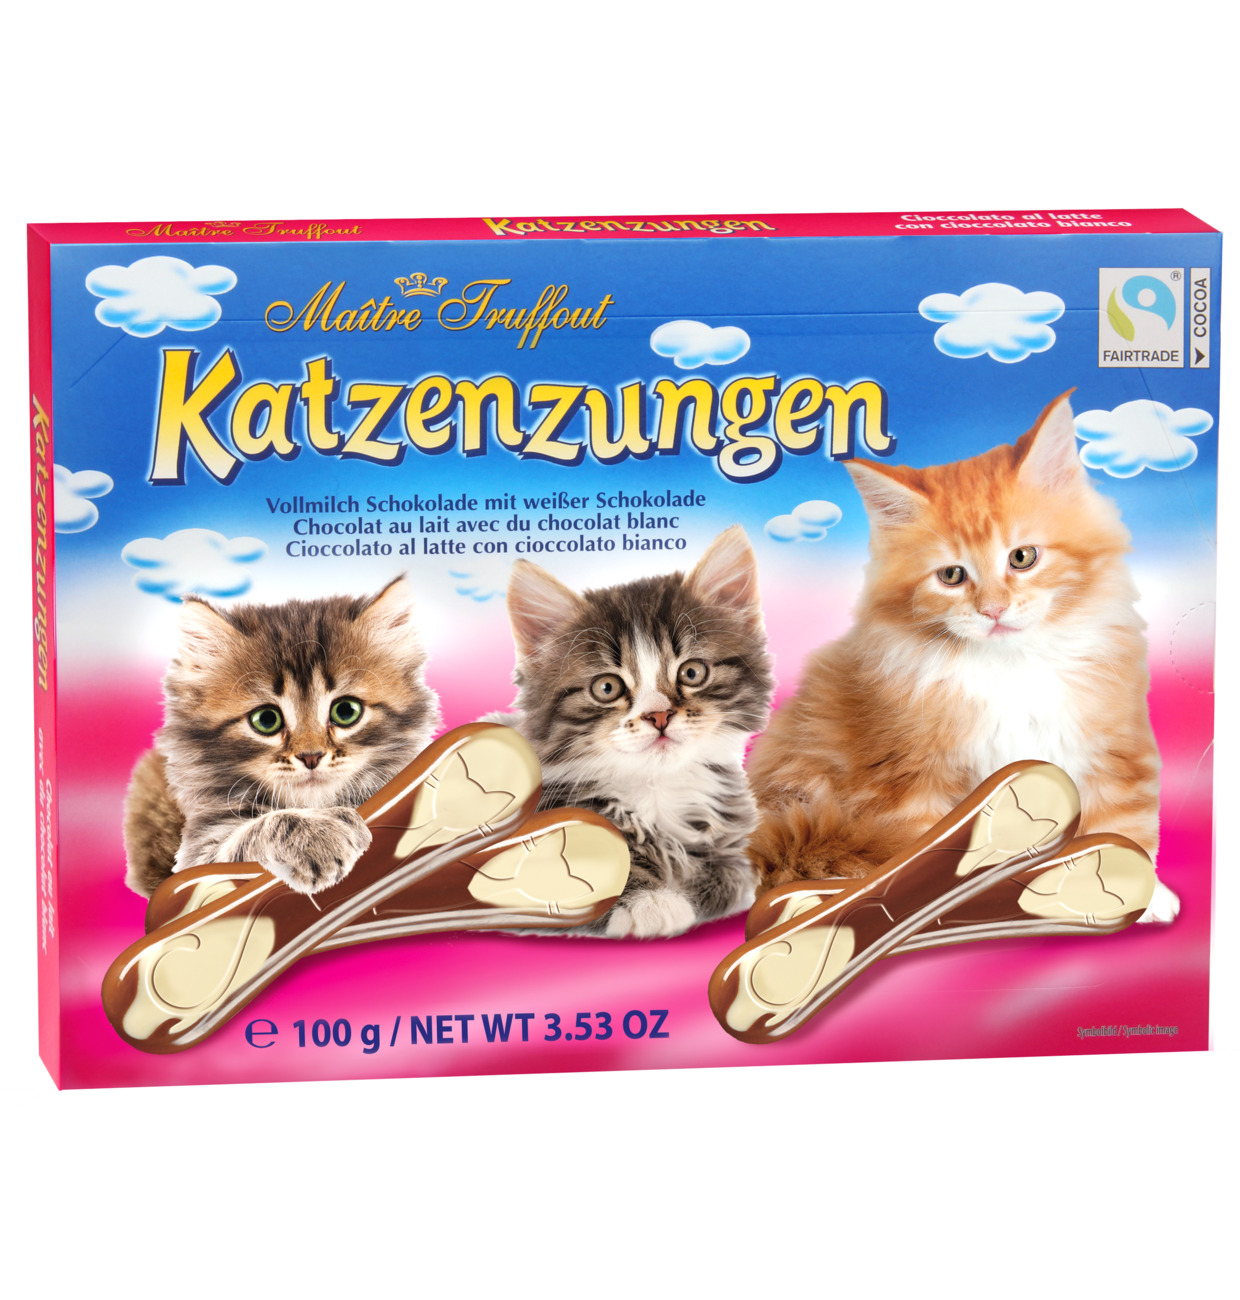 Vollmilch- & weiße Schokolade Katzenzungen